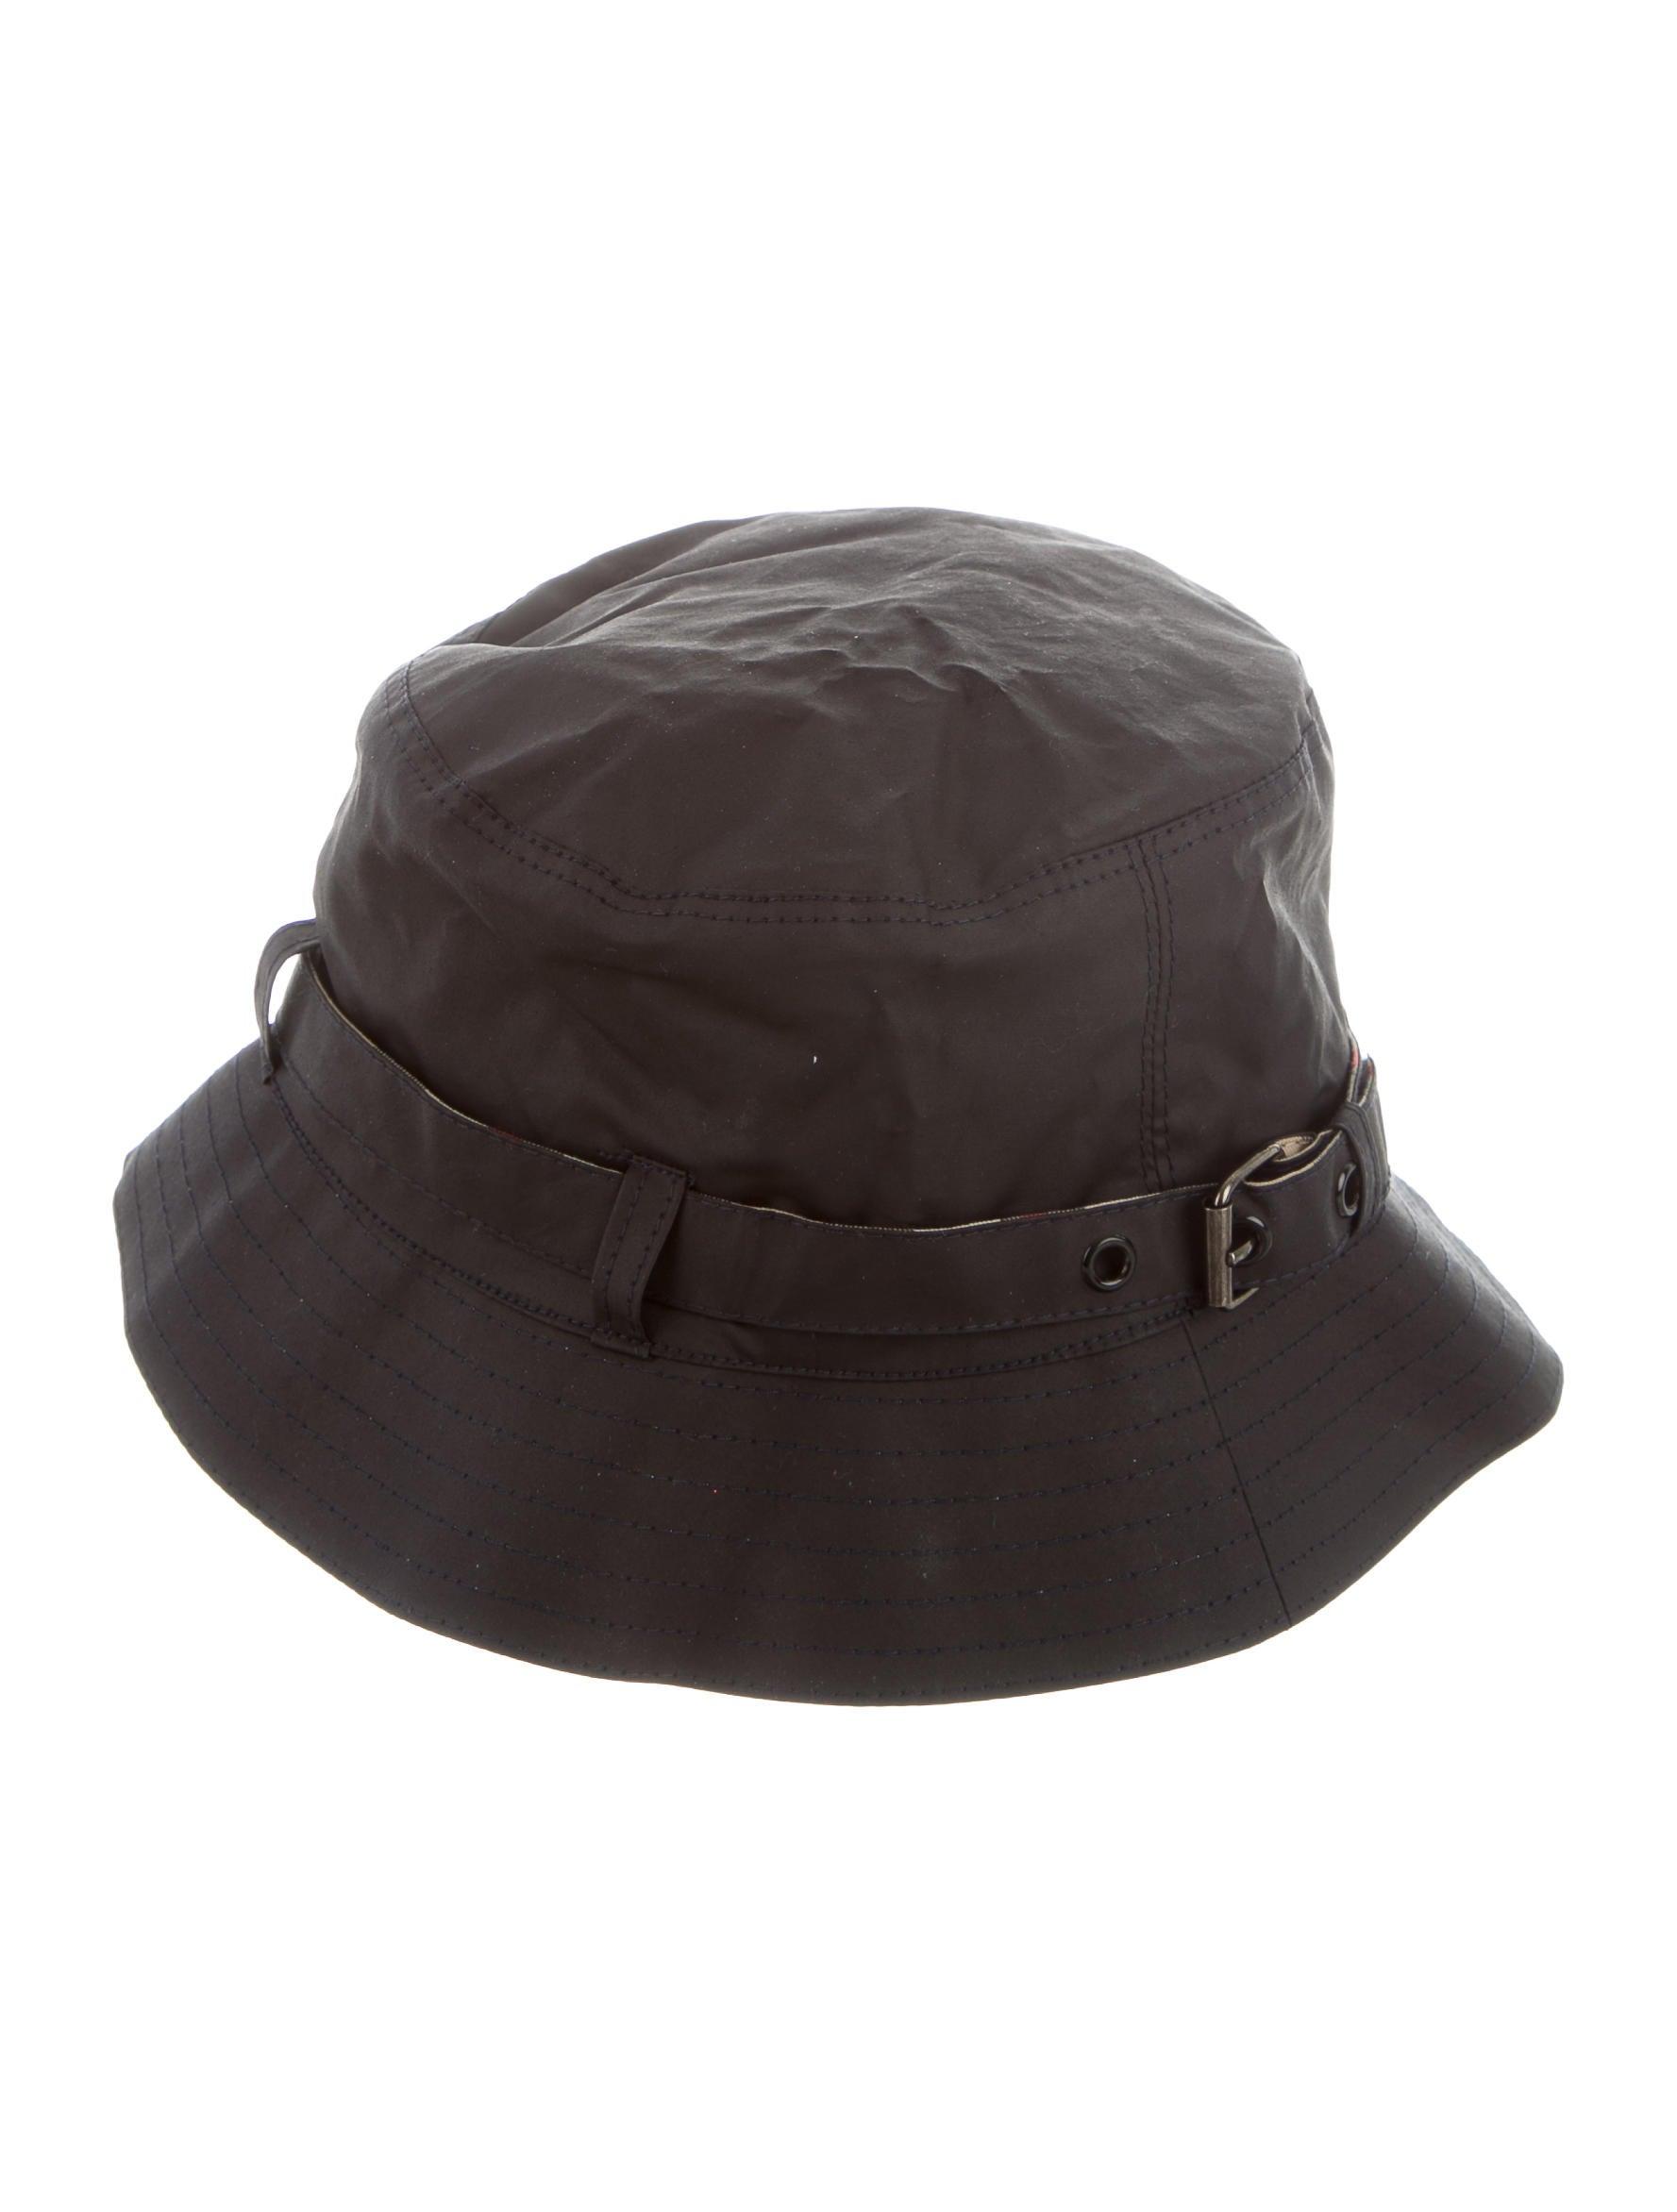 Burberry Boys' Bucket Hat - Boys - BUR81126 | The RealReal